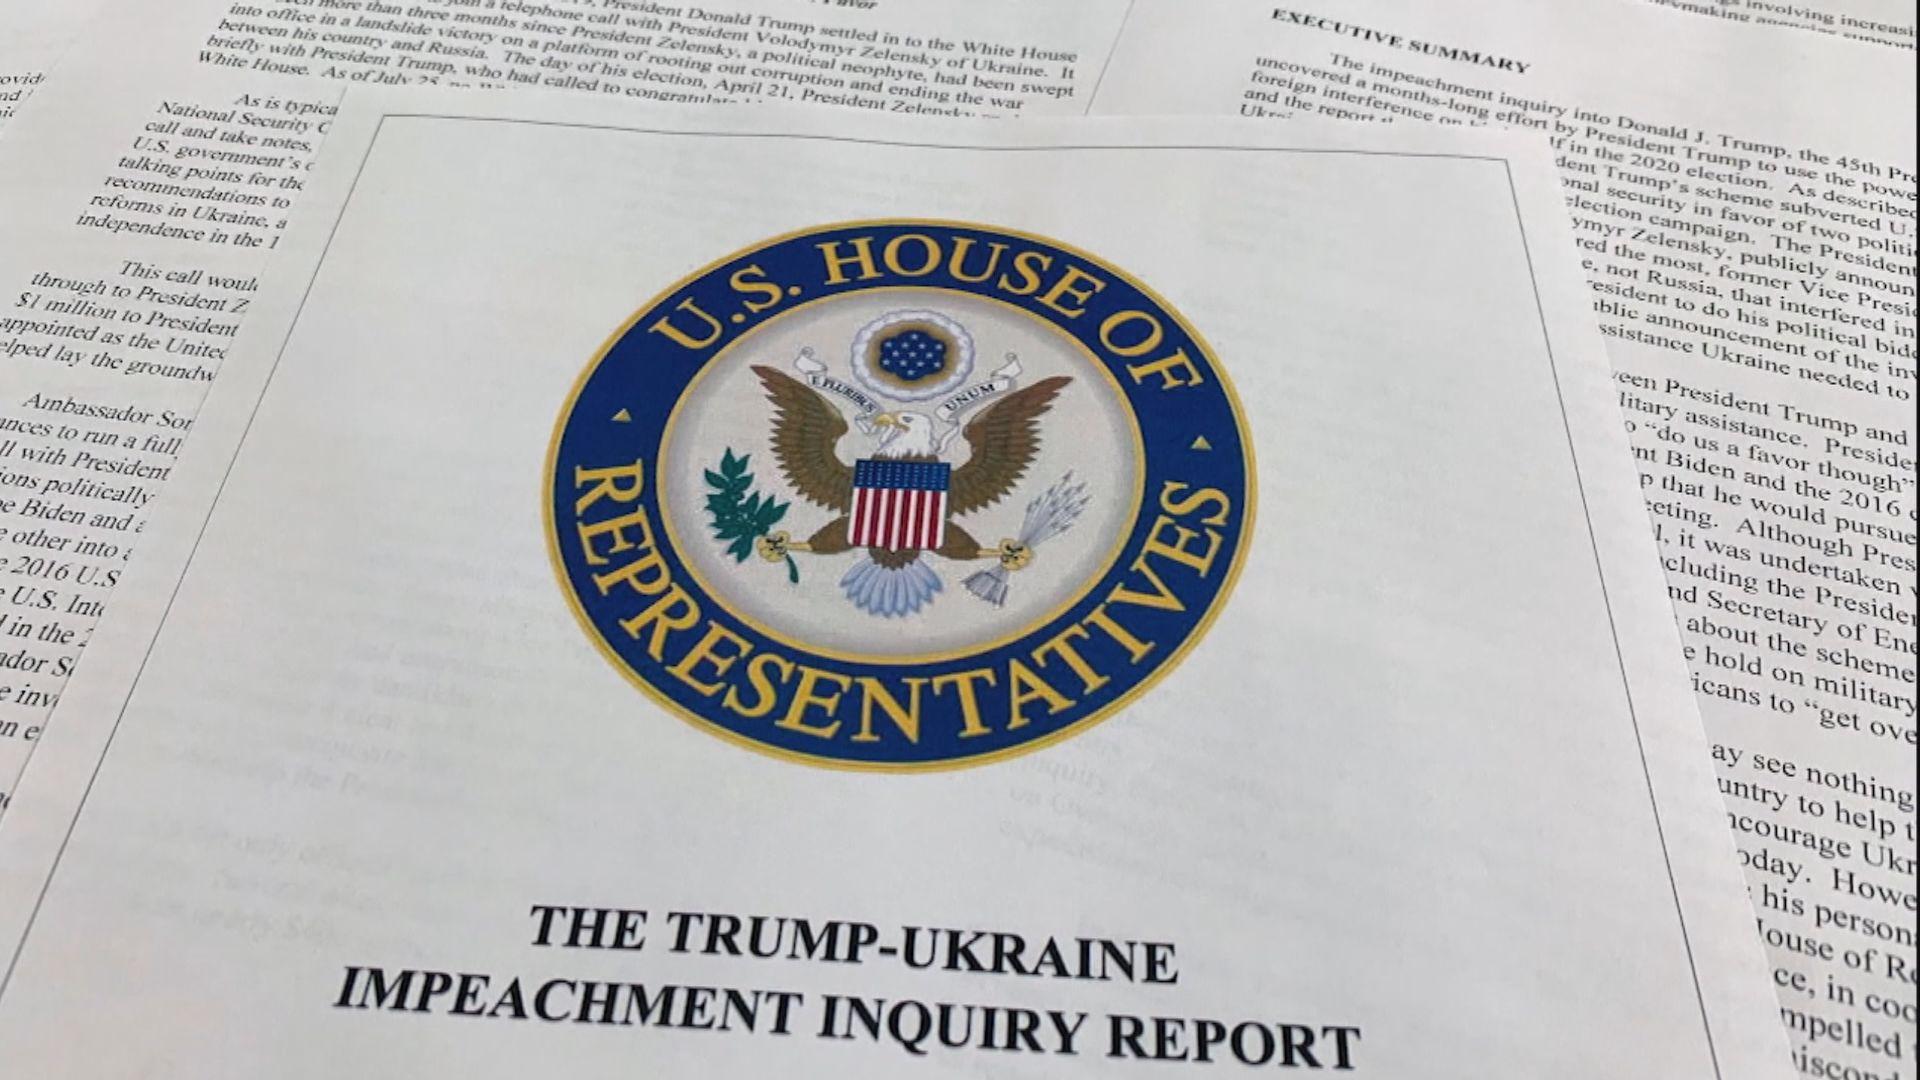 彈劾調查報告:有壓倒性證據顯示特朗普行為不當